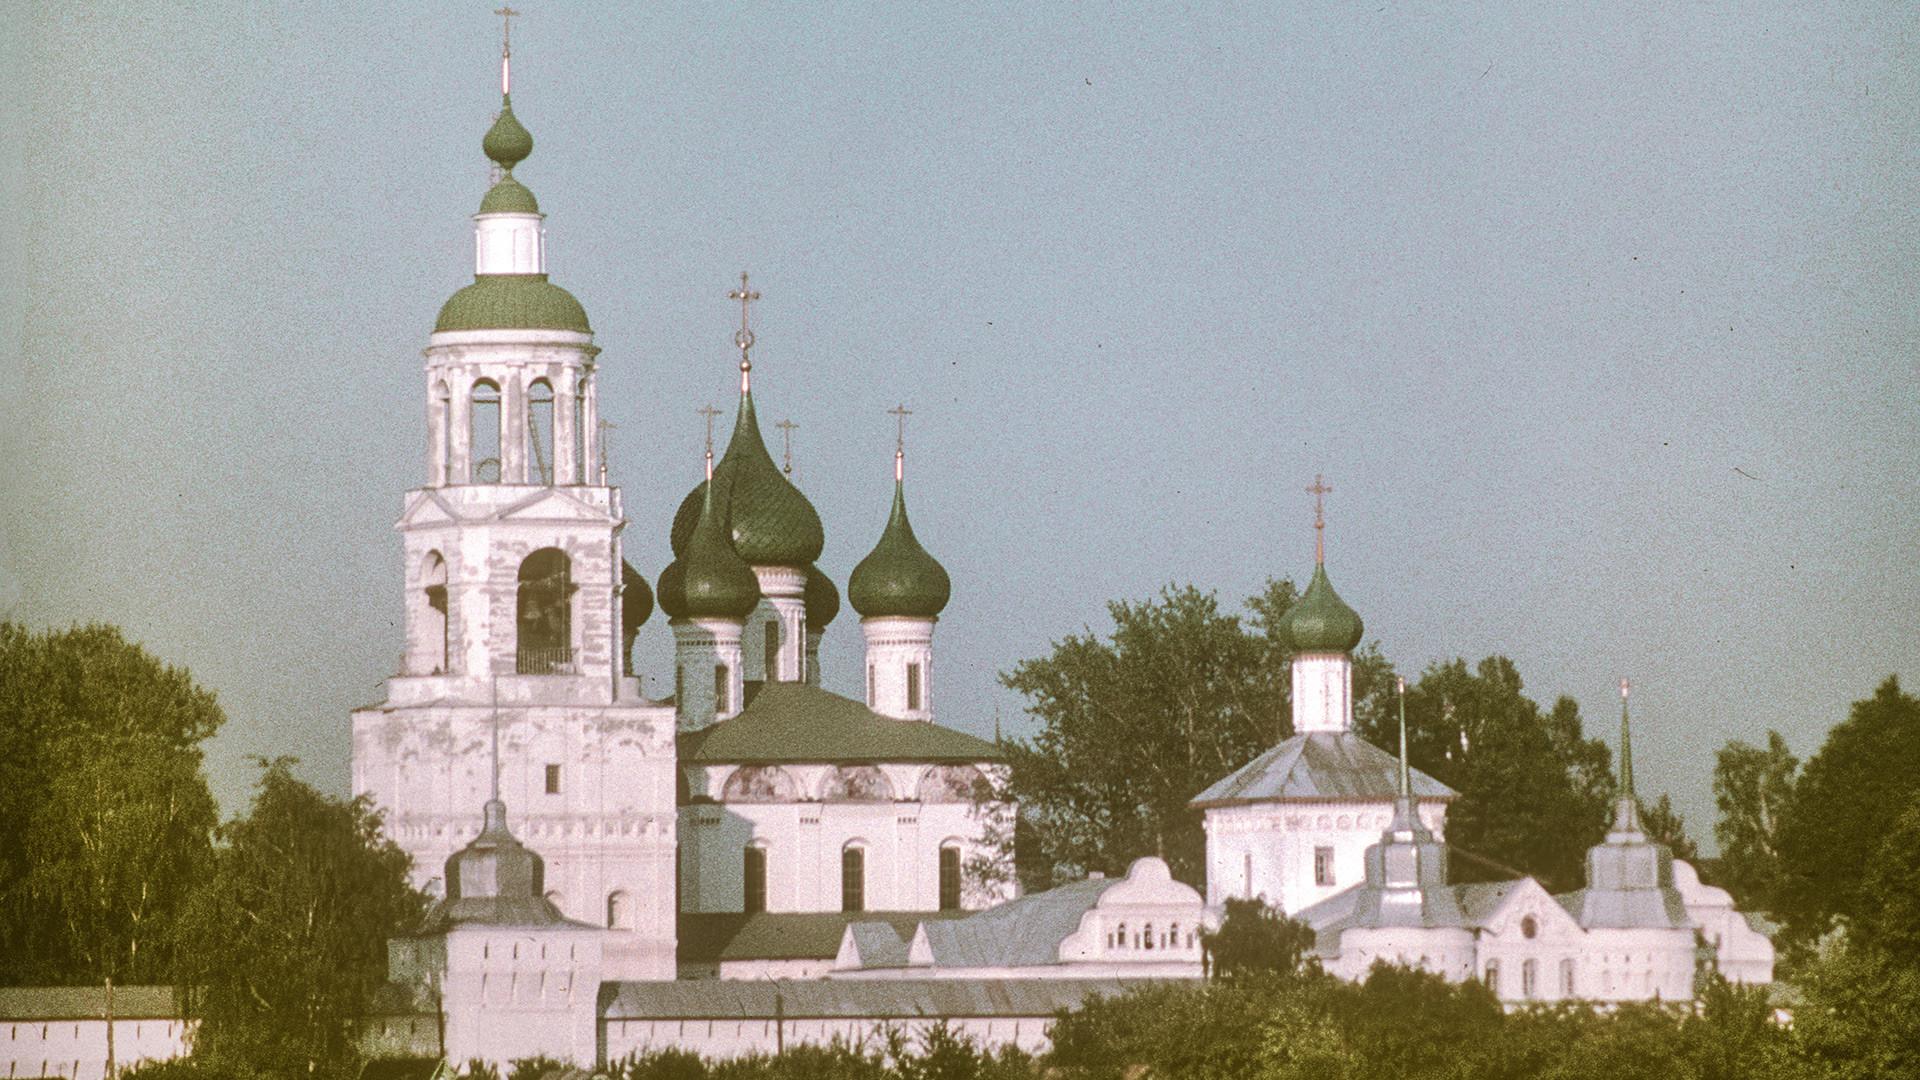 Monasterio de la Presentación de Tolga, vista noroeste desde el río Volga. Desde la izquierda: Campanario y torre de la esquina noroeste; Catedral de la Presentación; Iglesia de San Nicolás sobre la Puerta Santa; Puerta Oeste. 26 de julio de 1997